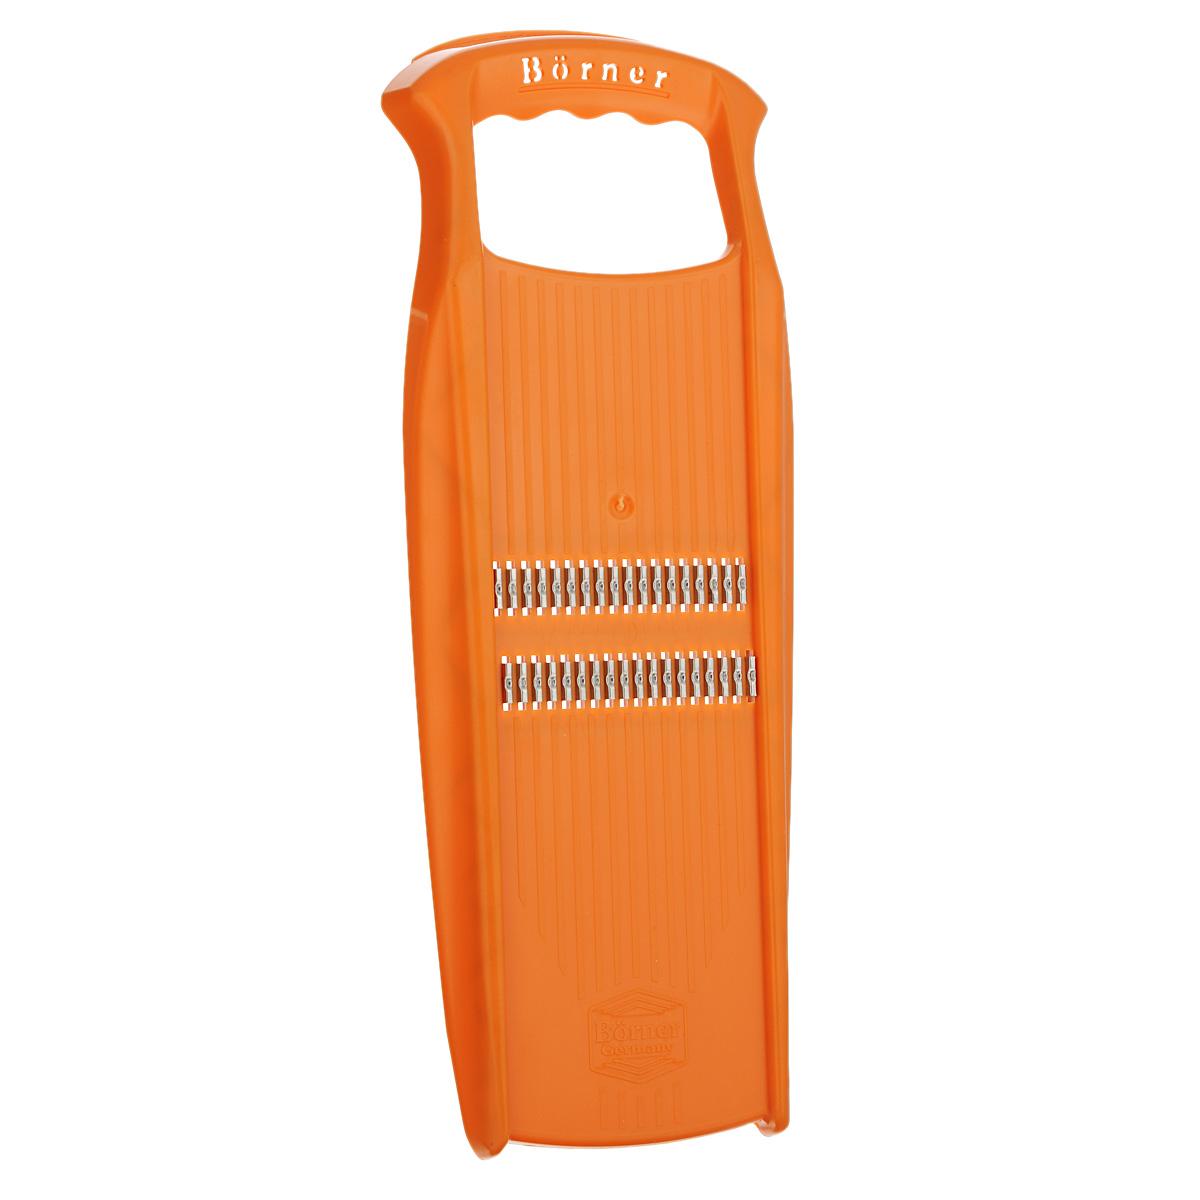 Терка для корейской моркови Borner Pryma, цвет: оранжевый3520608Терка для корейской моркови Borner Pryma - незаменимый инструмент на любой кухне. Корпус выполнен из высокопрочного пластика. Лезвия - из нержавеющей стали, заточенные с двух сторон. С помощью этой терки вы легко нарежете морковь, кабачки, огурцы, лук и другие овощи мелкой соломкой. Терка Borner Pryma будет отличным помощником на вашей кухне, особенно для любителей моркови по-корейски.